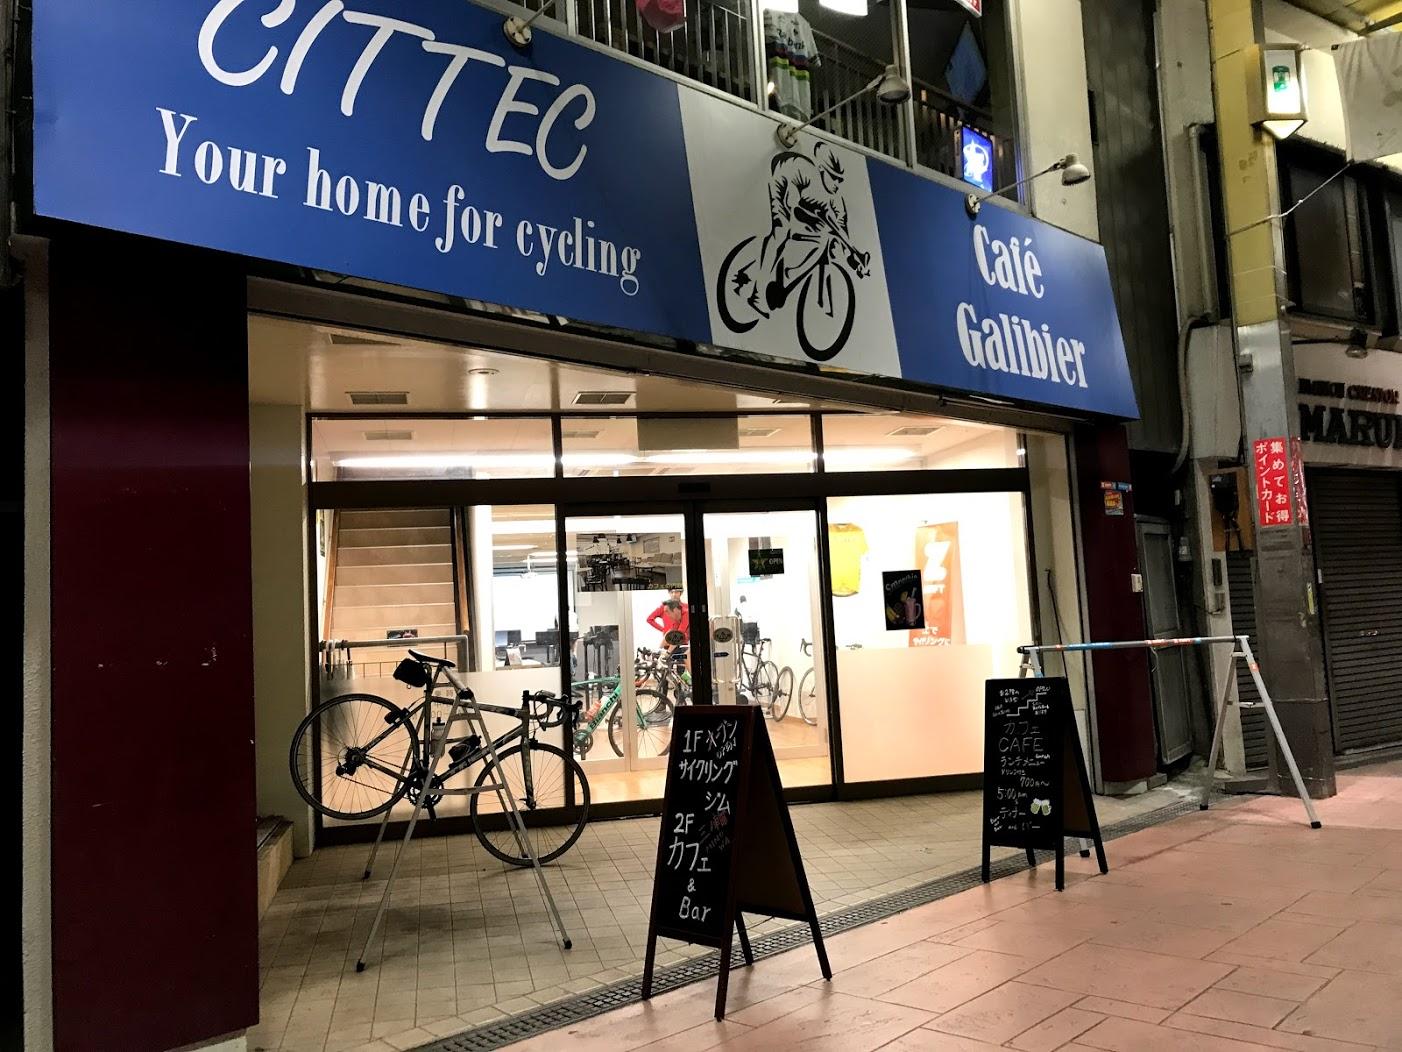 *サイクルイベント出展のお知らせ*『自転車がつなぐアートとトークの1日』@サイクルジム&カフェバー三ノ輪